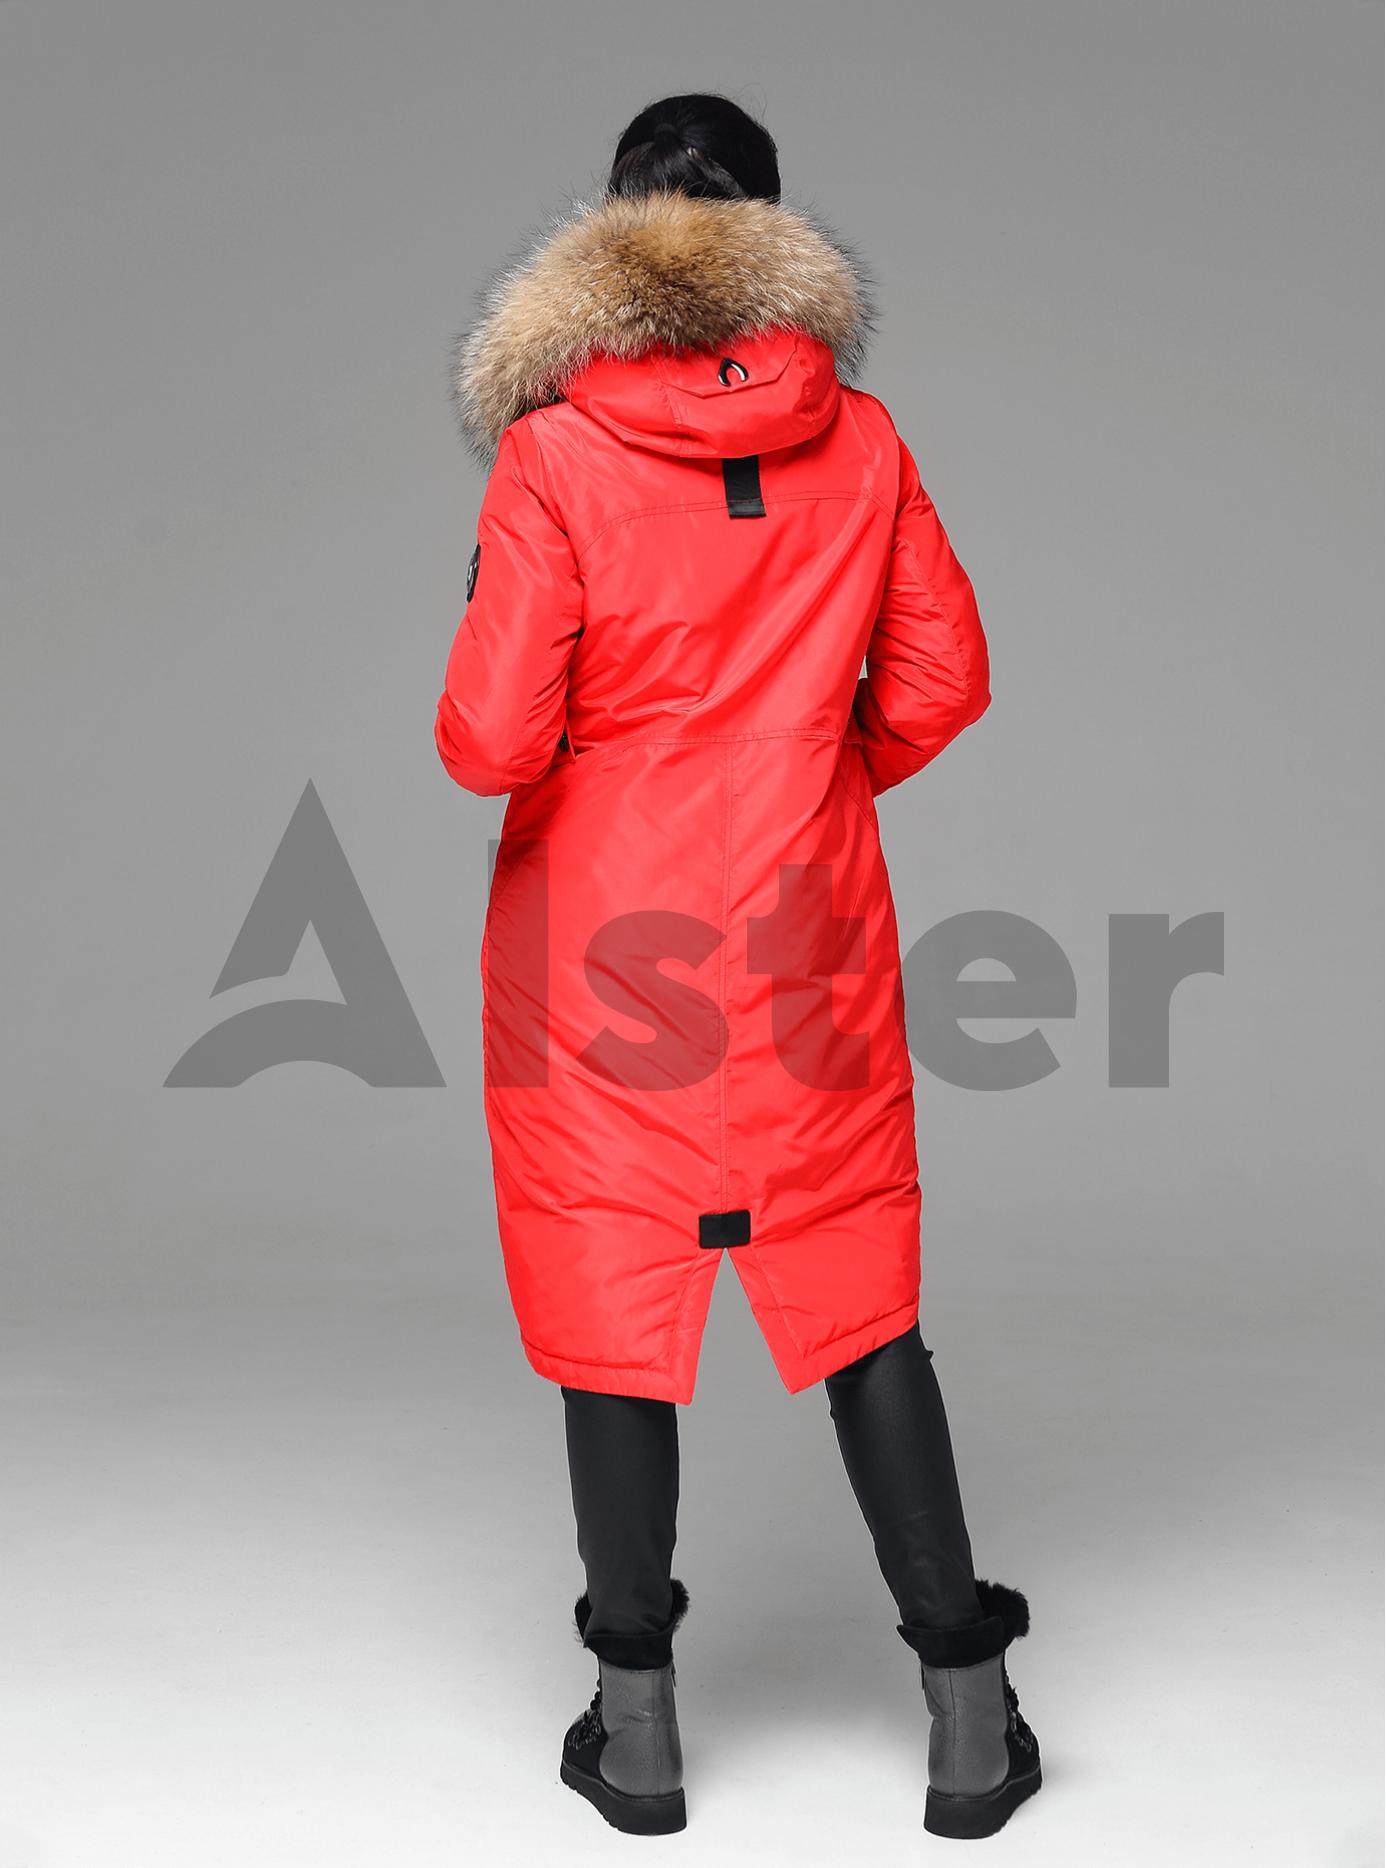 Куртка зимняя длинная прямого кроя с мехом енота Красный L (05-V191244): фото - Alster.ua